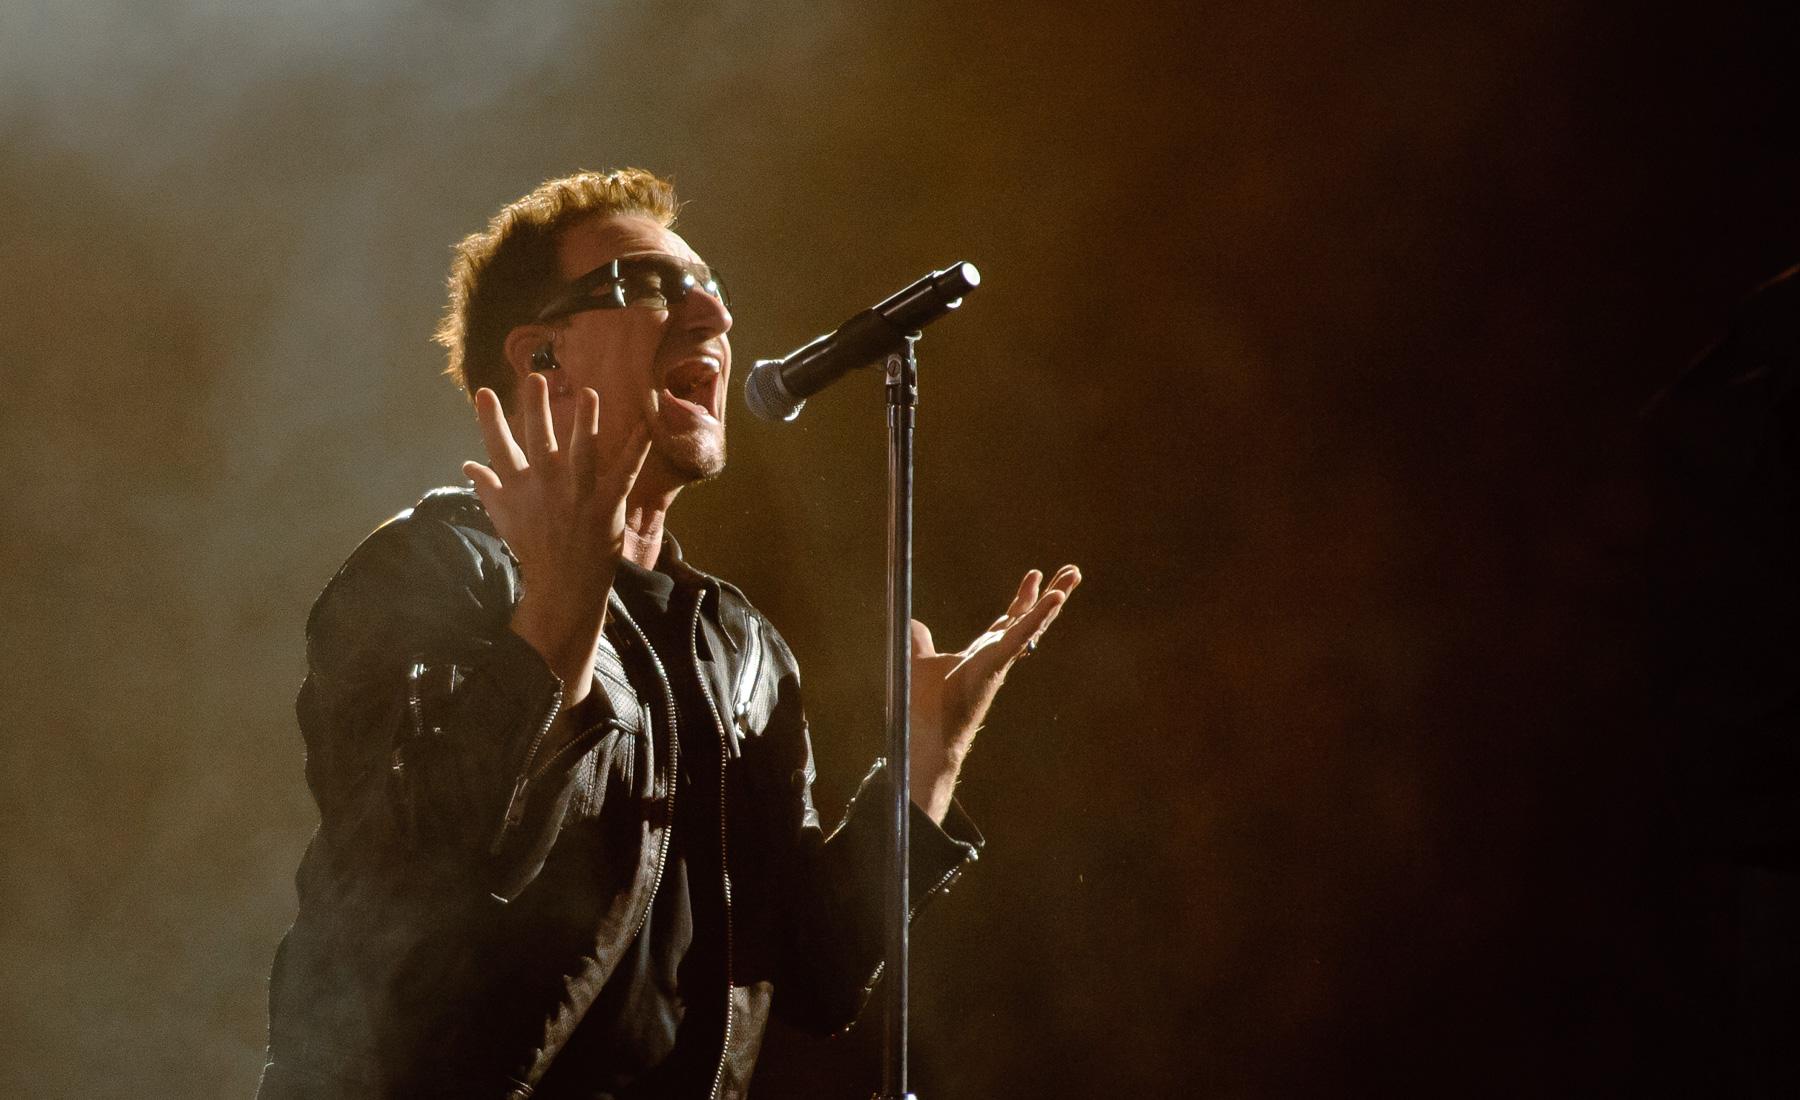 U2 Concert, Bono